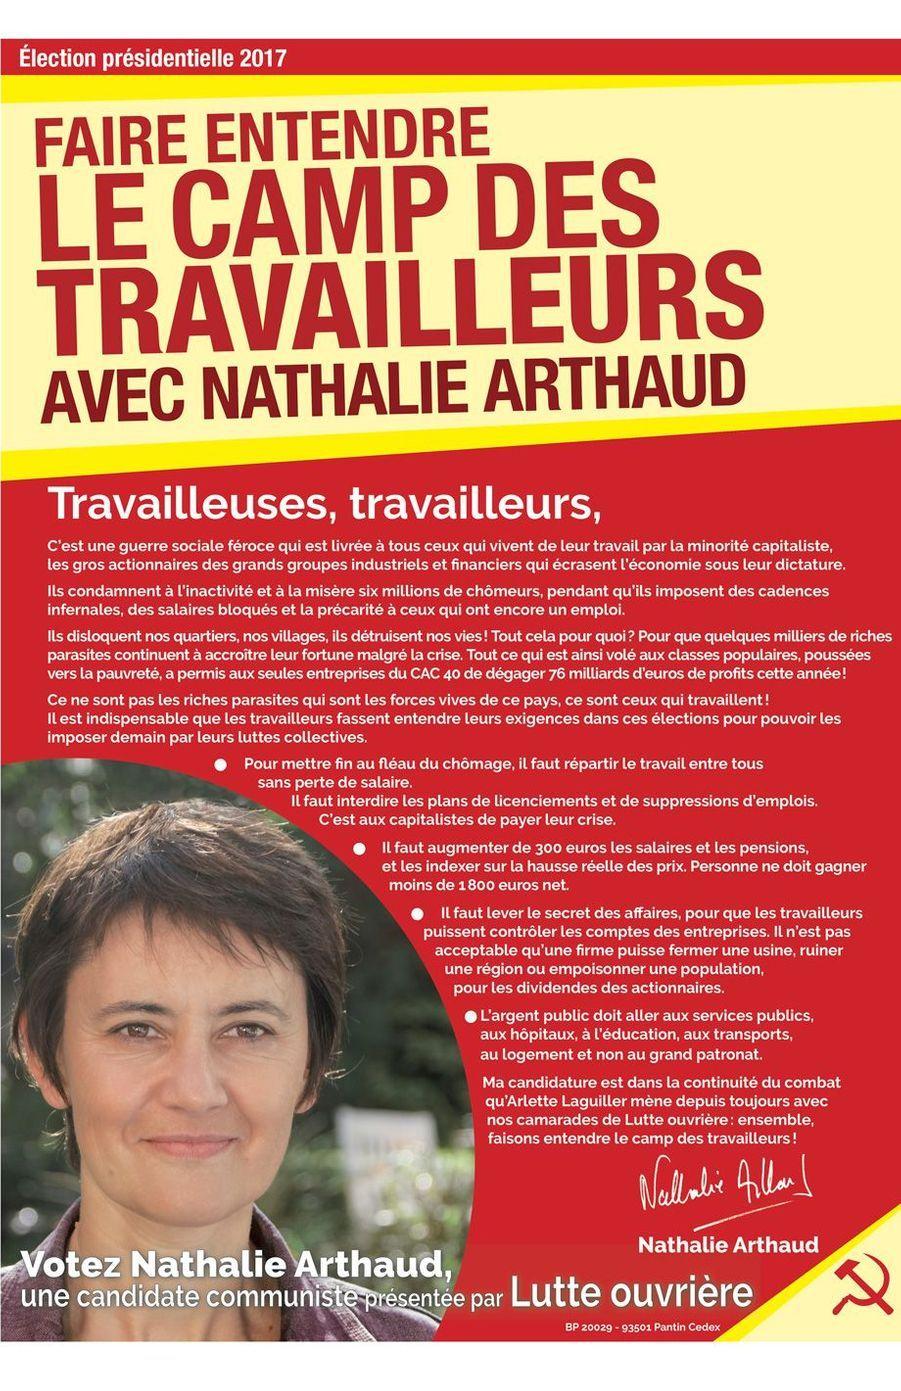 Nathalie Arthaud ( Lutte Ouvrière)